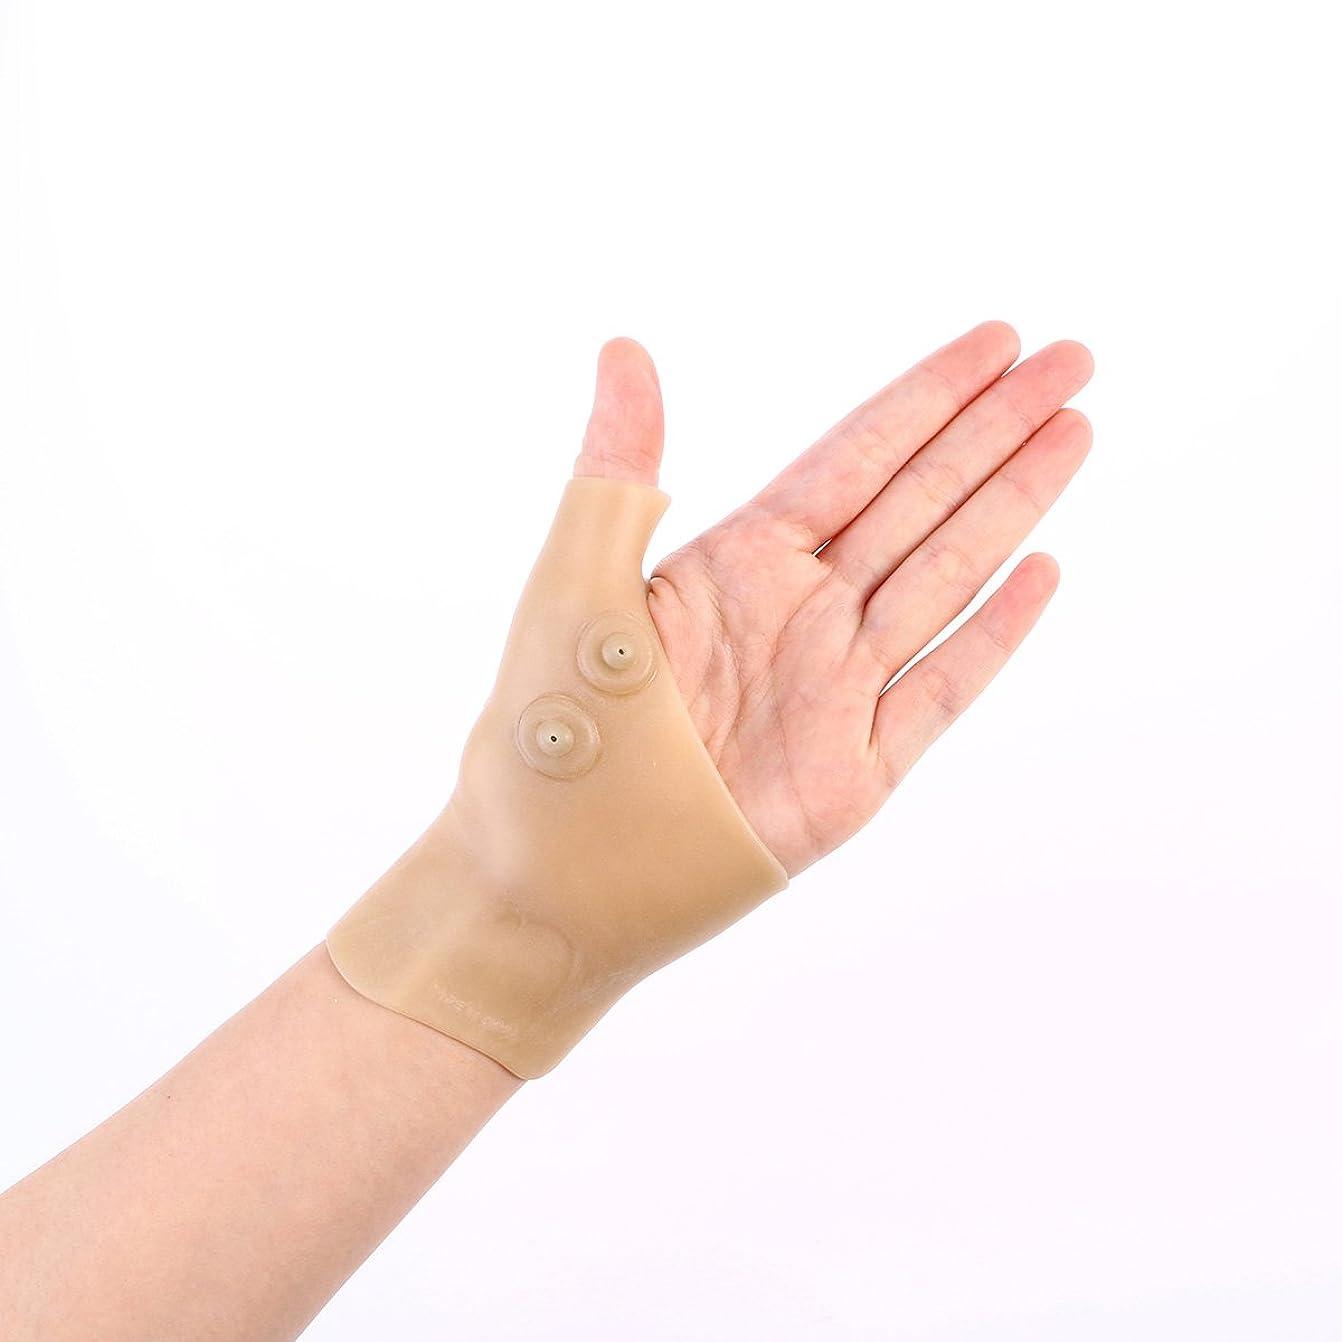 モジュール肘掛け椅子マージ電熱 蒸し手袋 ハンドマスク 美容 乾燥対策 保湿グローブ 電熱手袋 ハンドサウナ 手肌ケア 美容用品 スキンケア